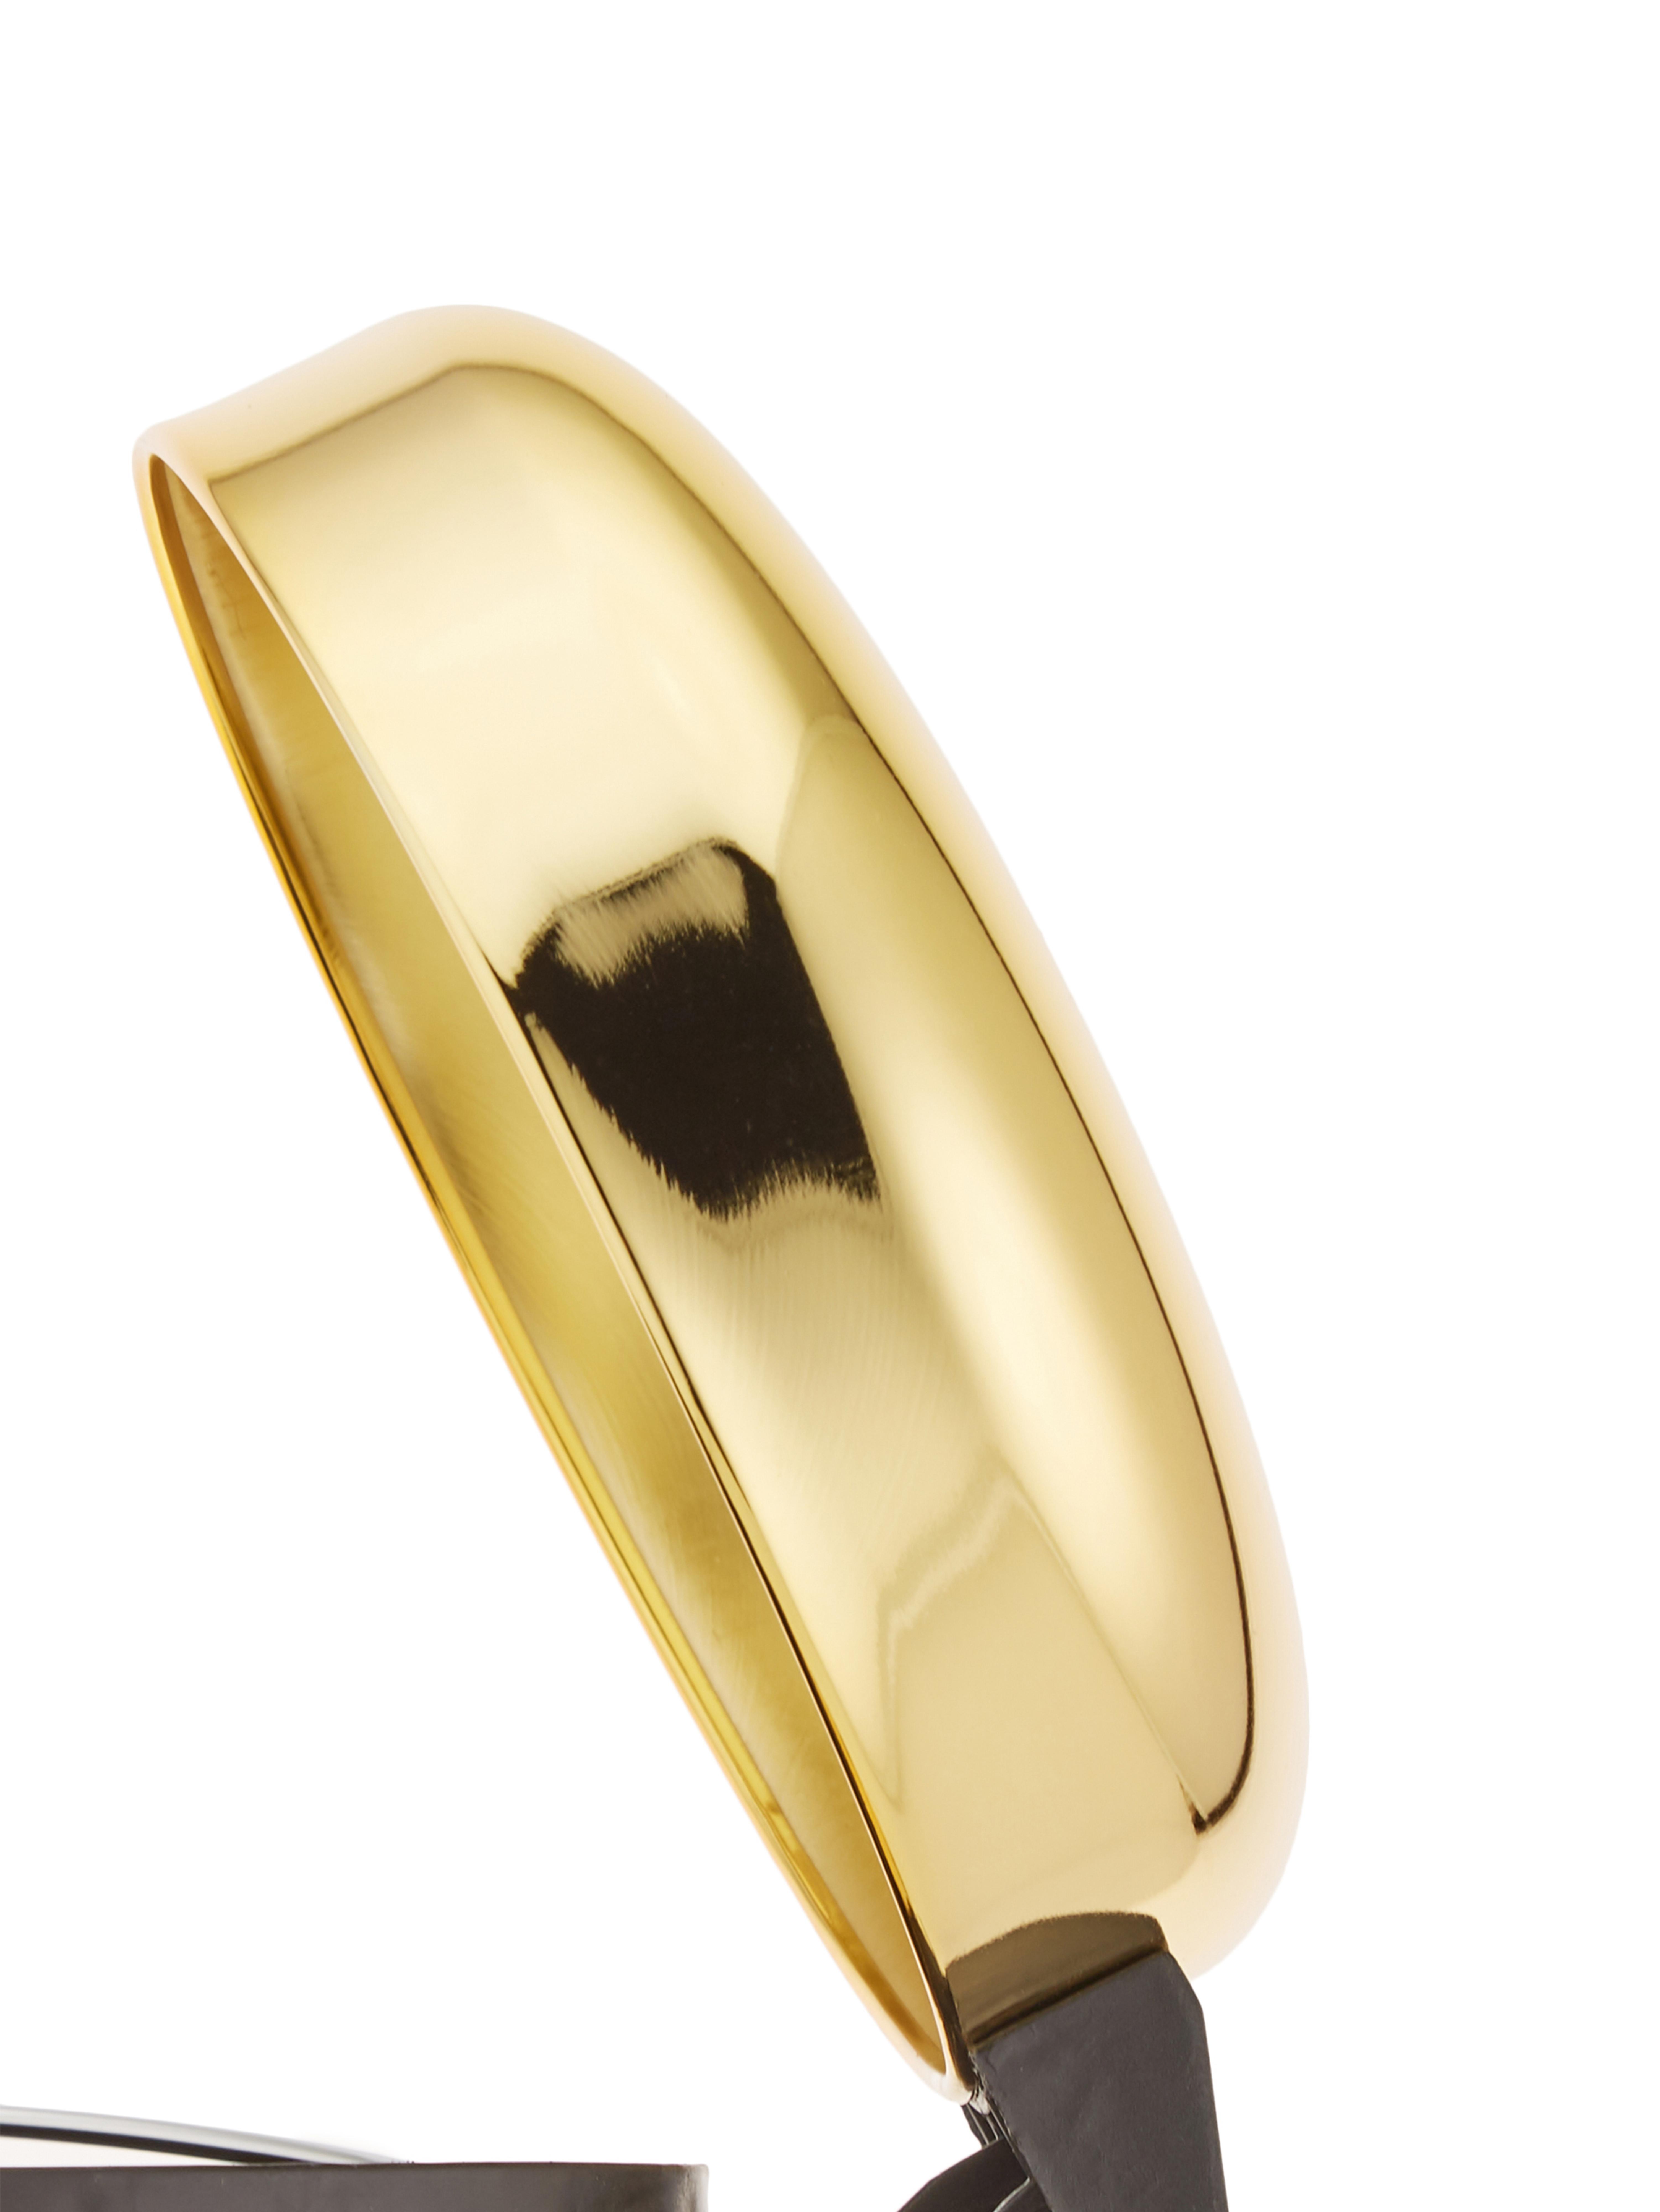 Abfalleimer Sam mit Pedal-Funktion, Goldfarben, Ø 22 x H 30 cm